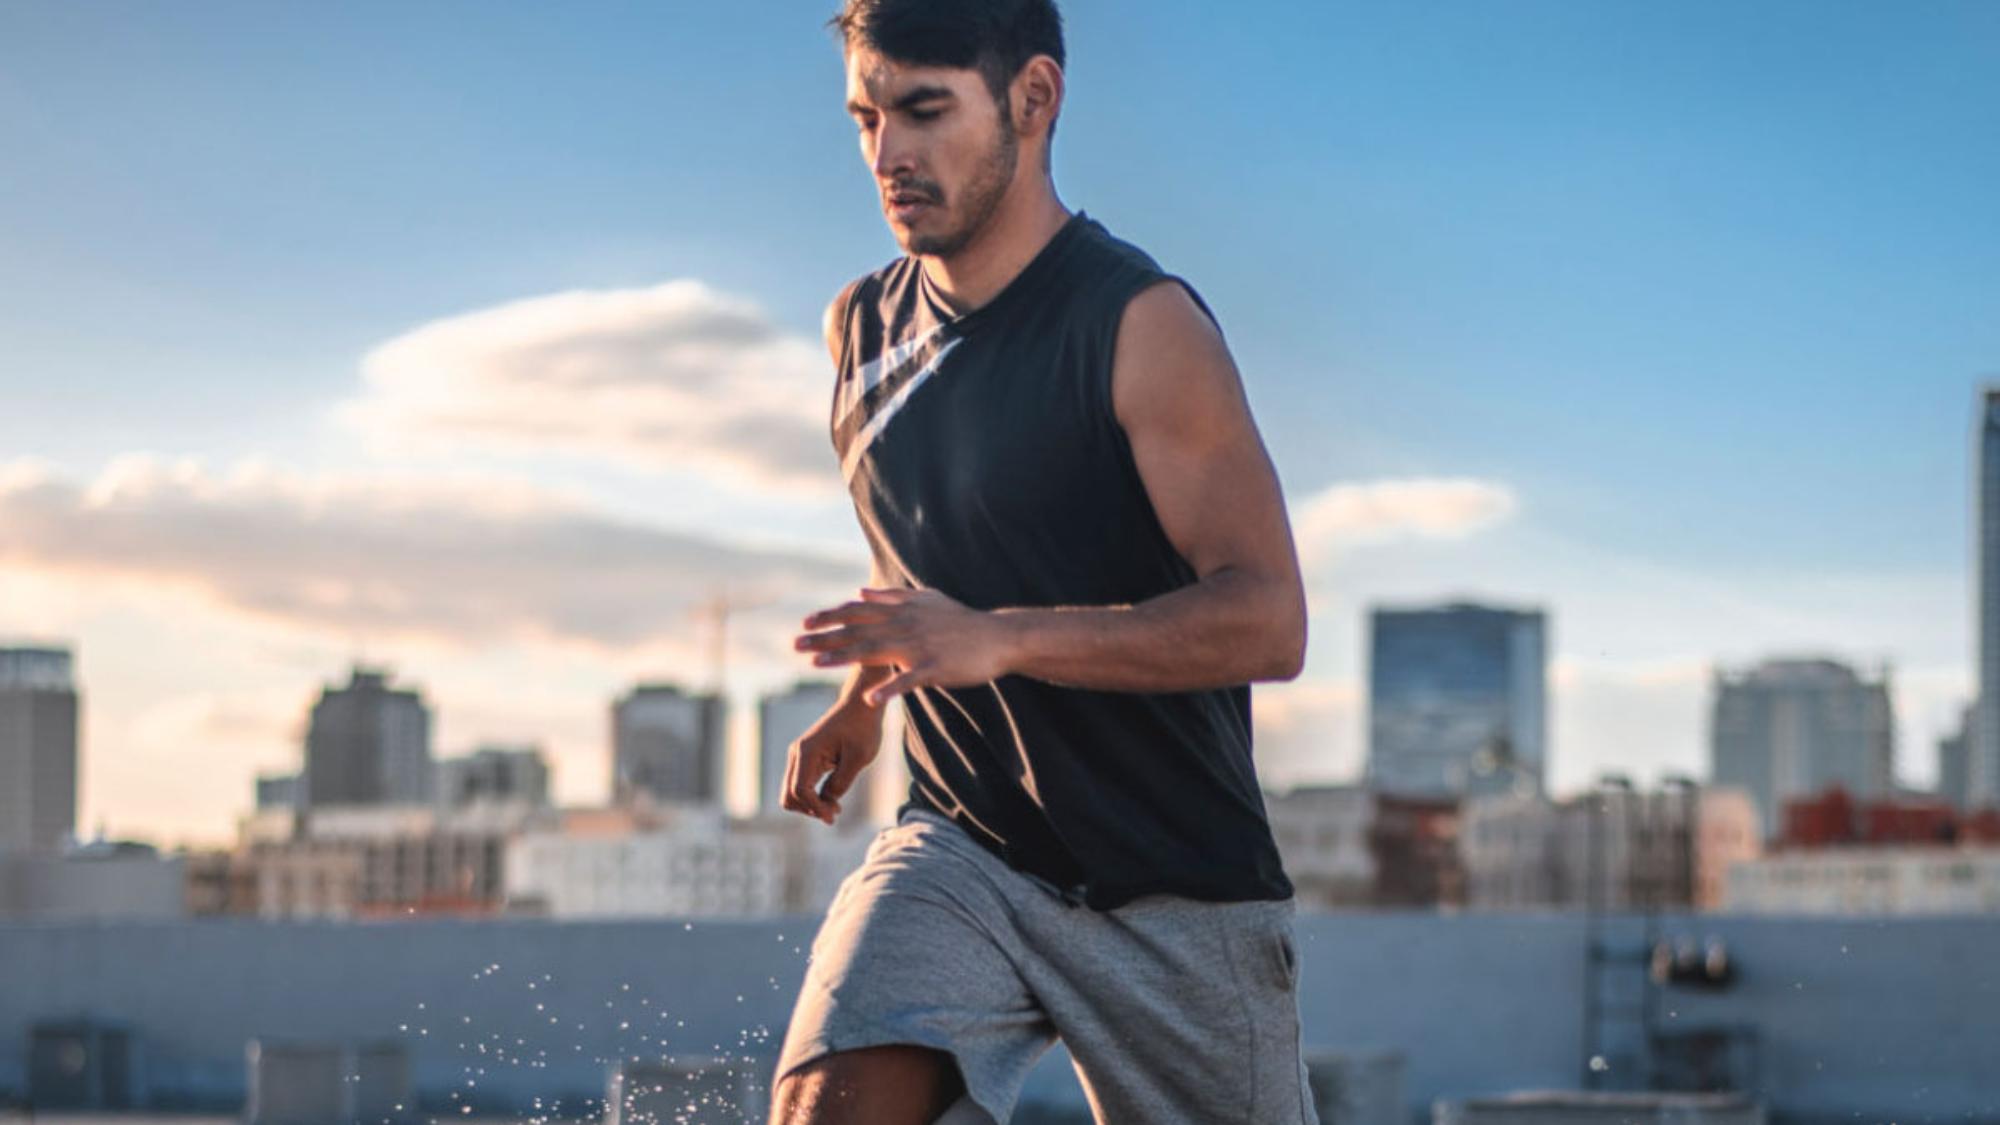 camminata-corsa-articolo-evidenza-eathlon